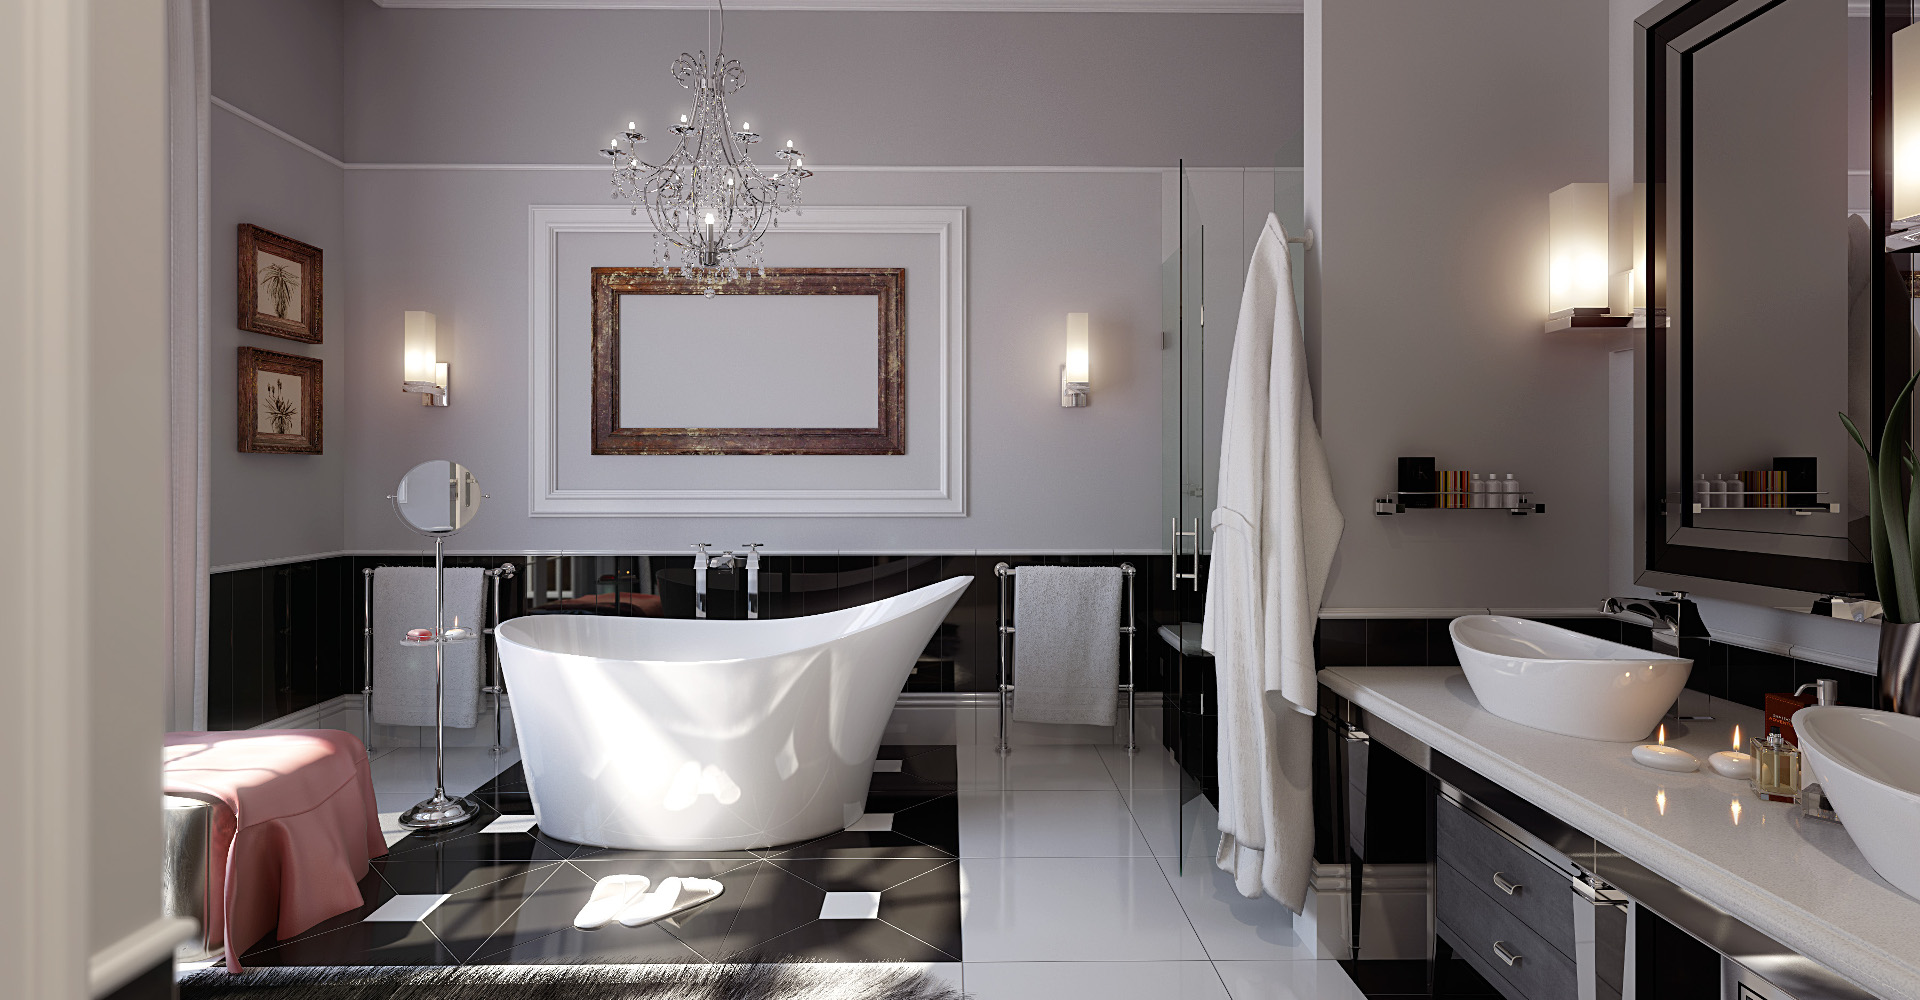 Welke stijl badkamer past bij jou?